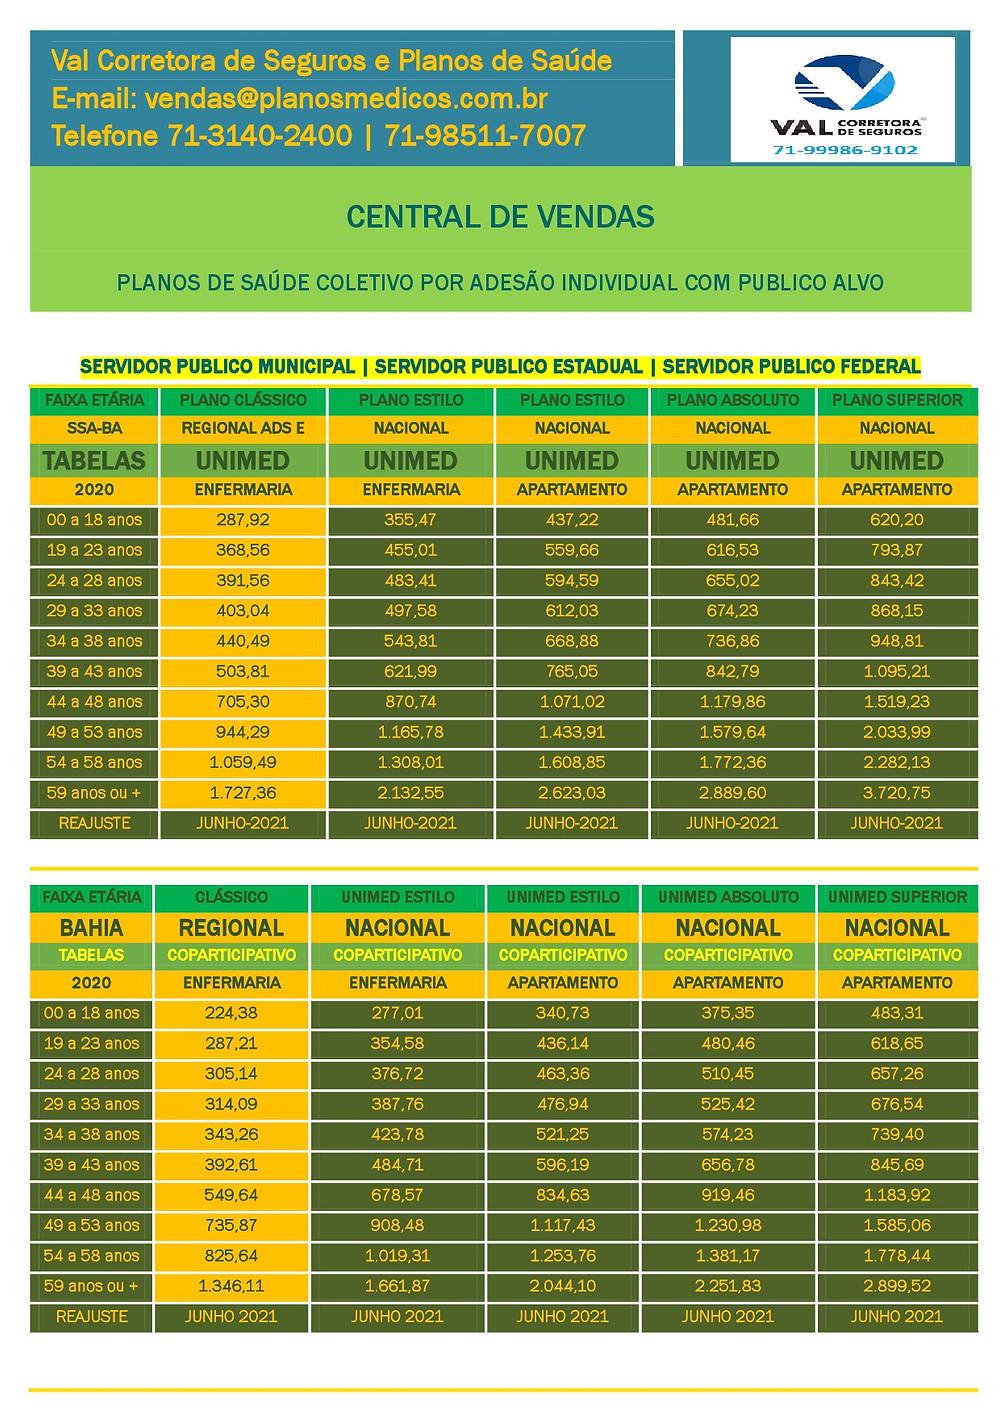 Tabela Comparativa de preços Planos de Saude - BA